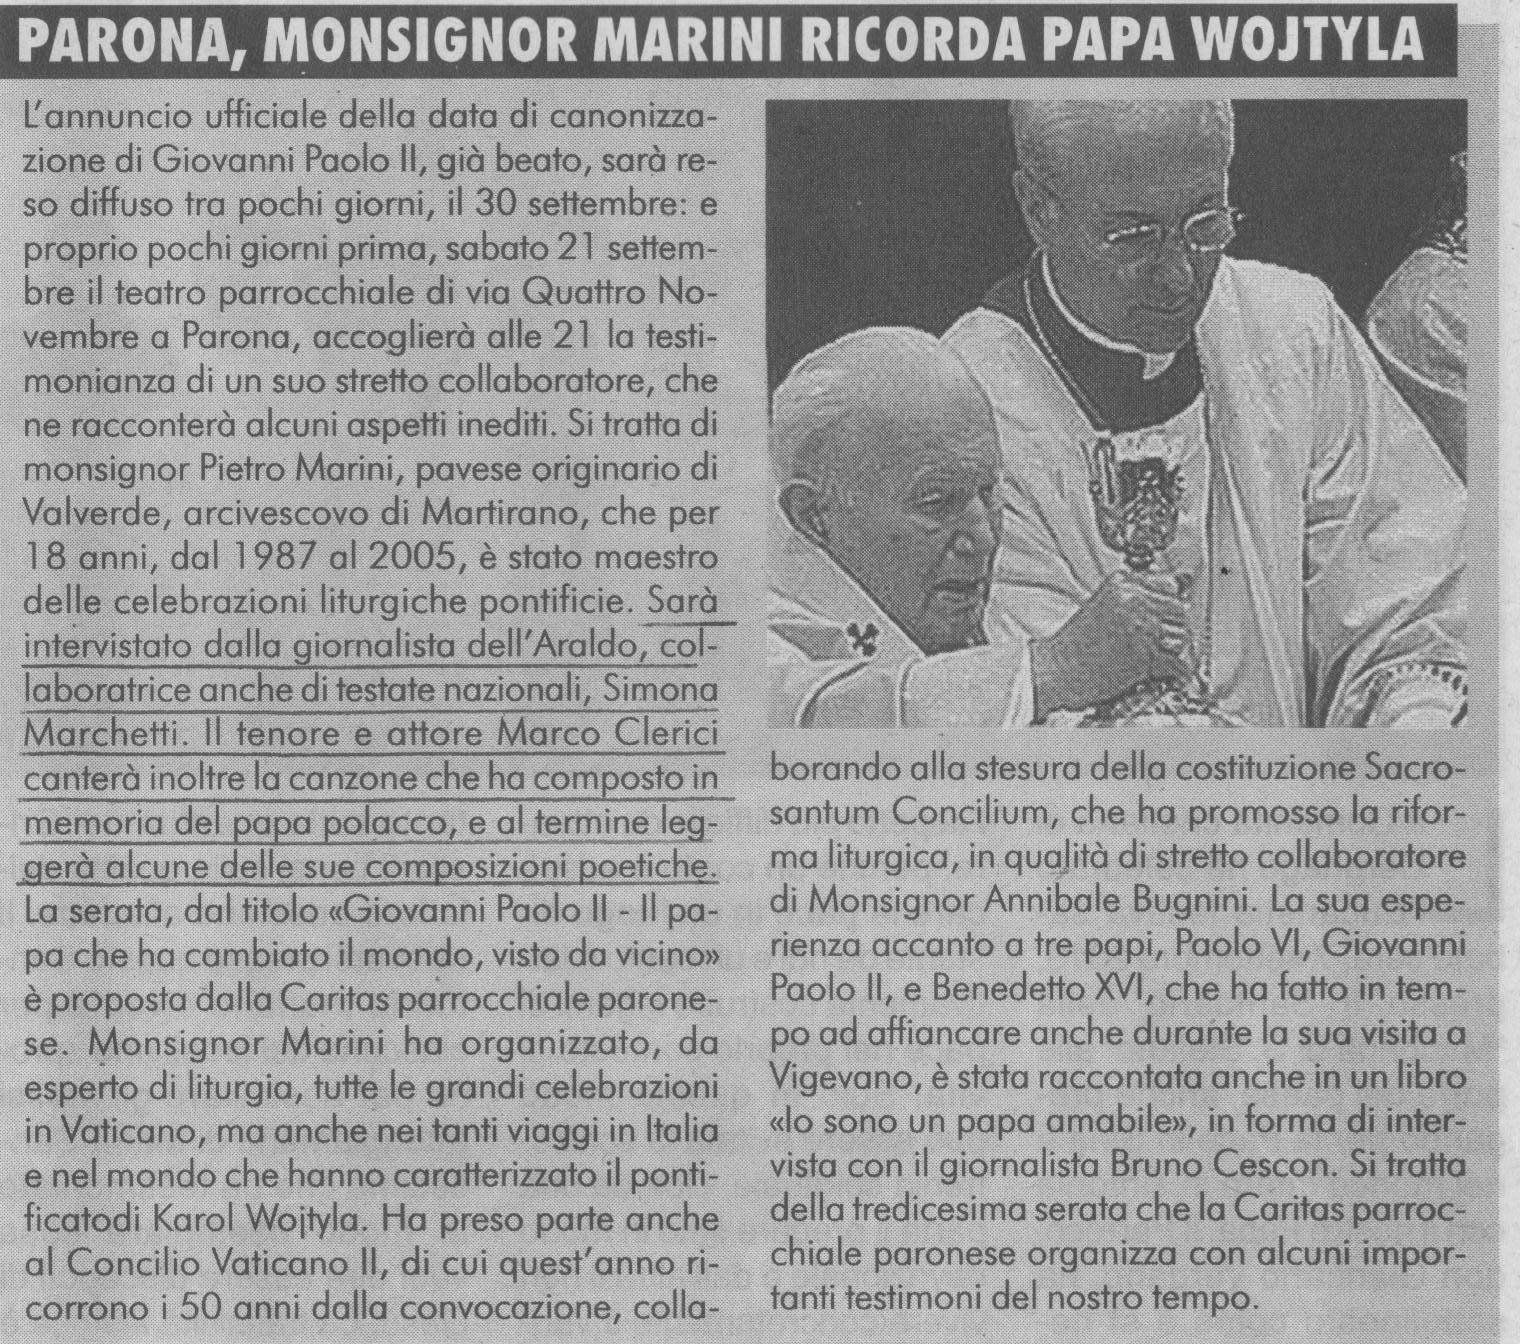 Mons. Marini (cerimoniere di Giovanni Paolo II) a Parona